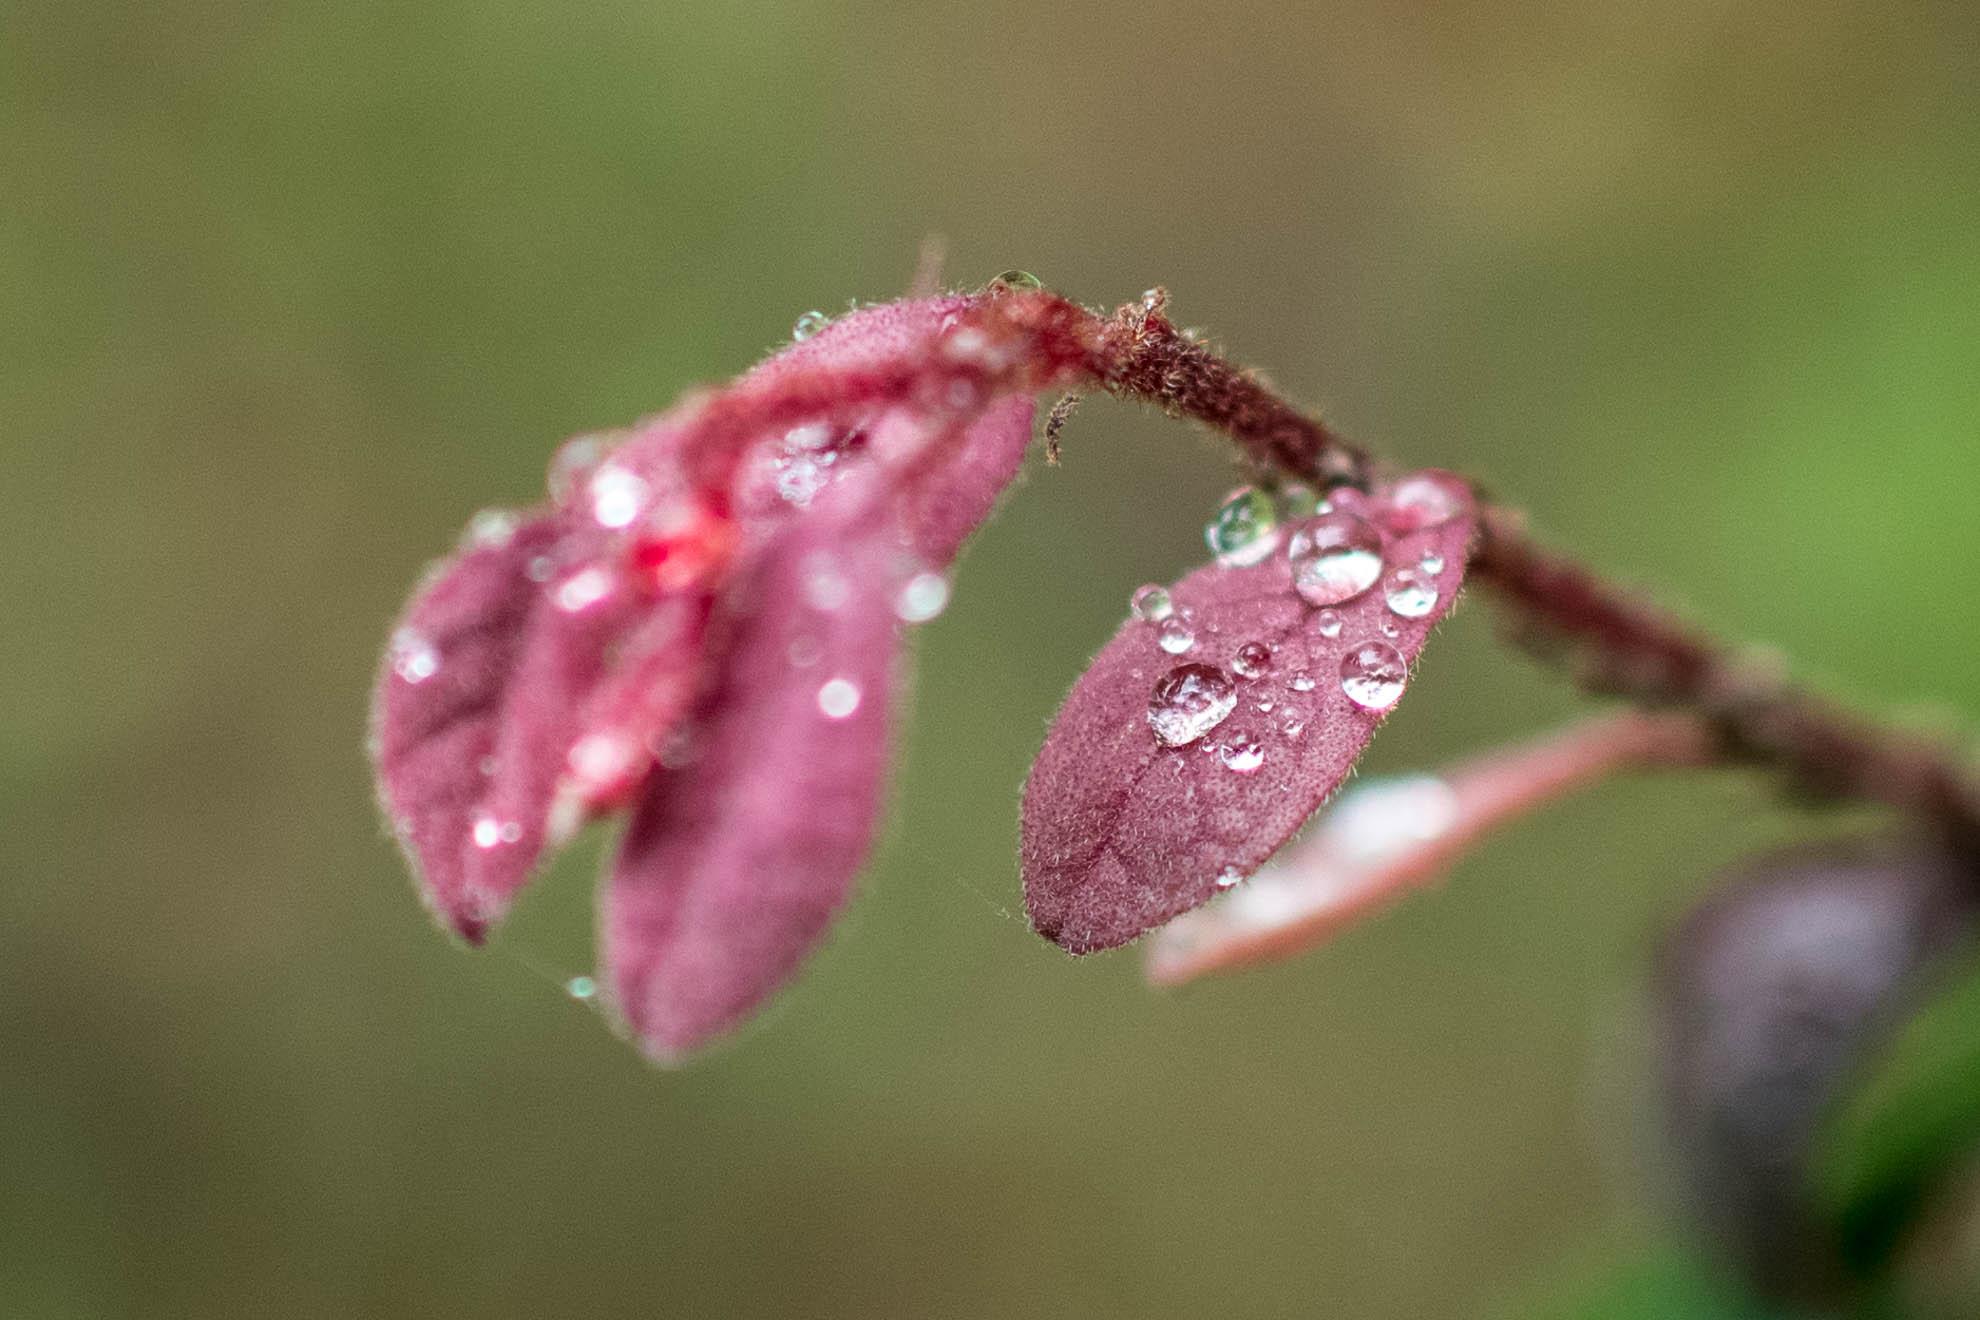 水の滴る赤い葉